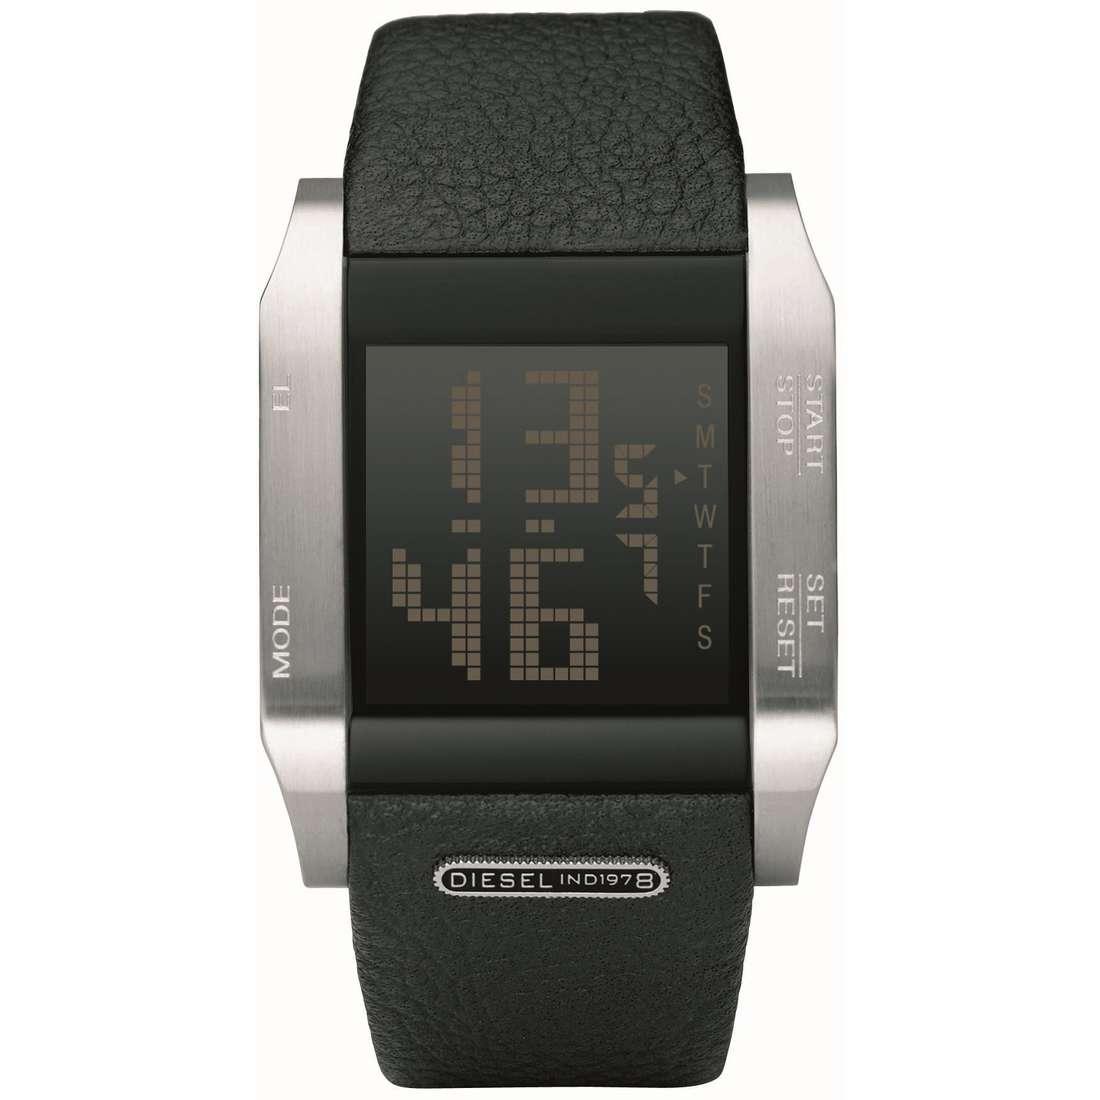 watch digital man Diesel DZ7076